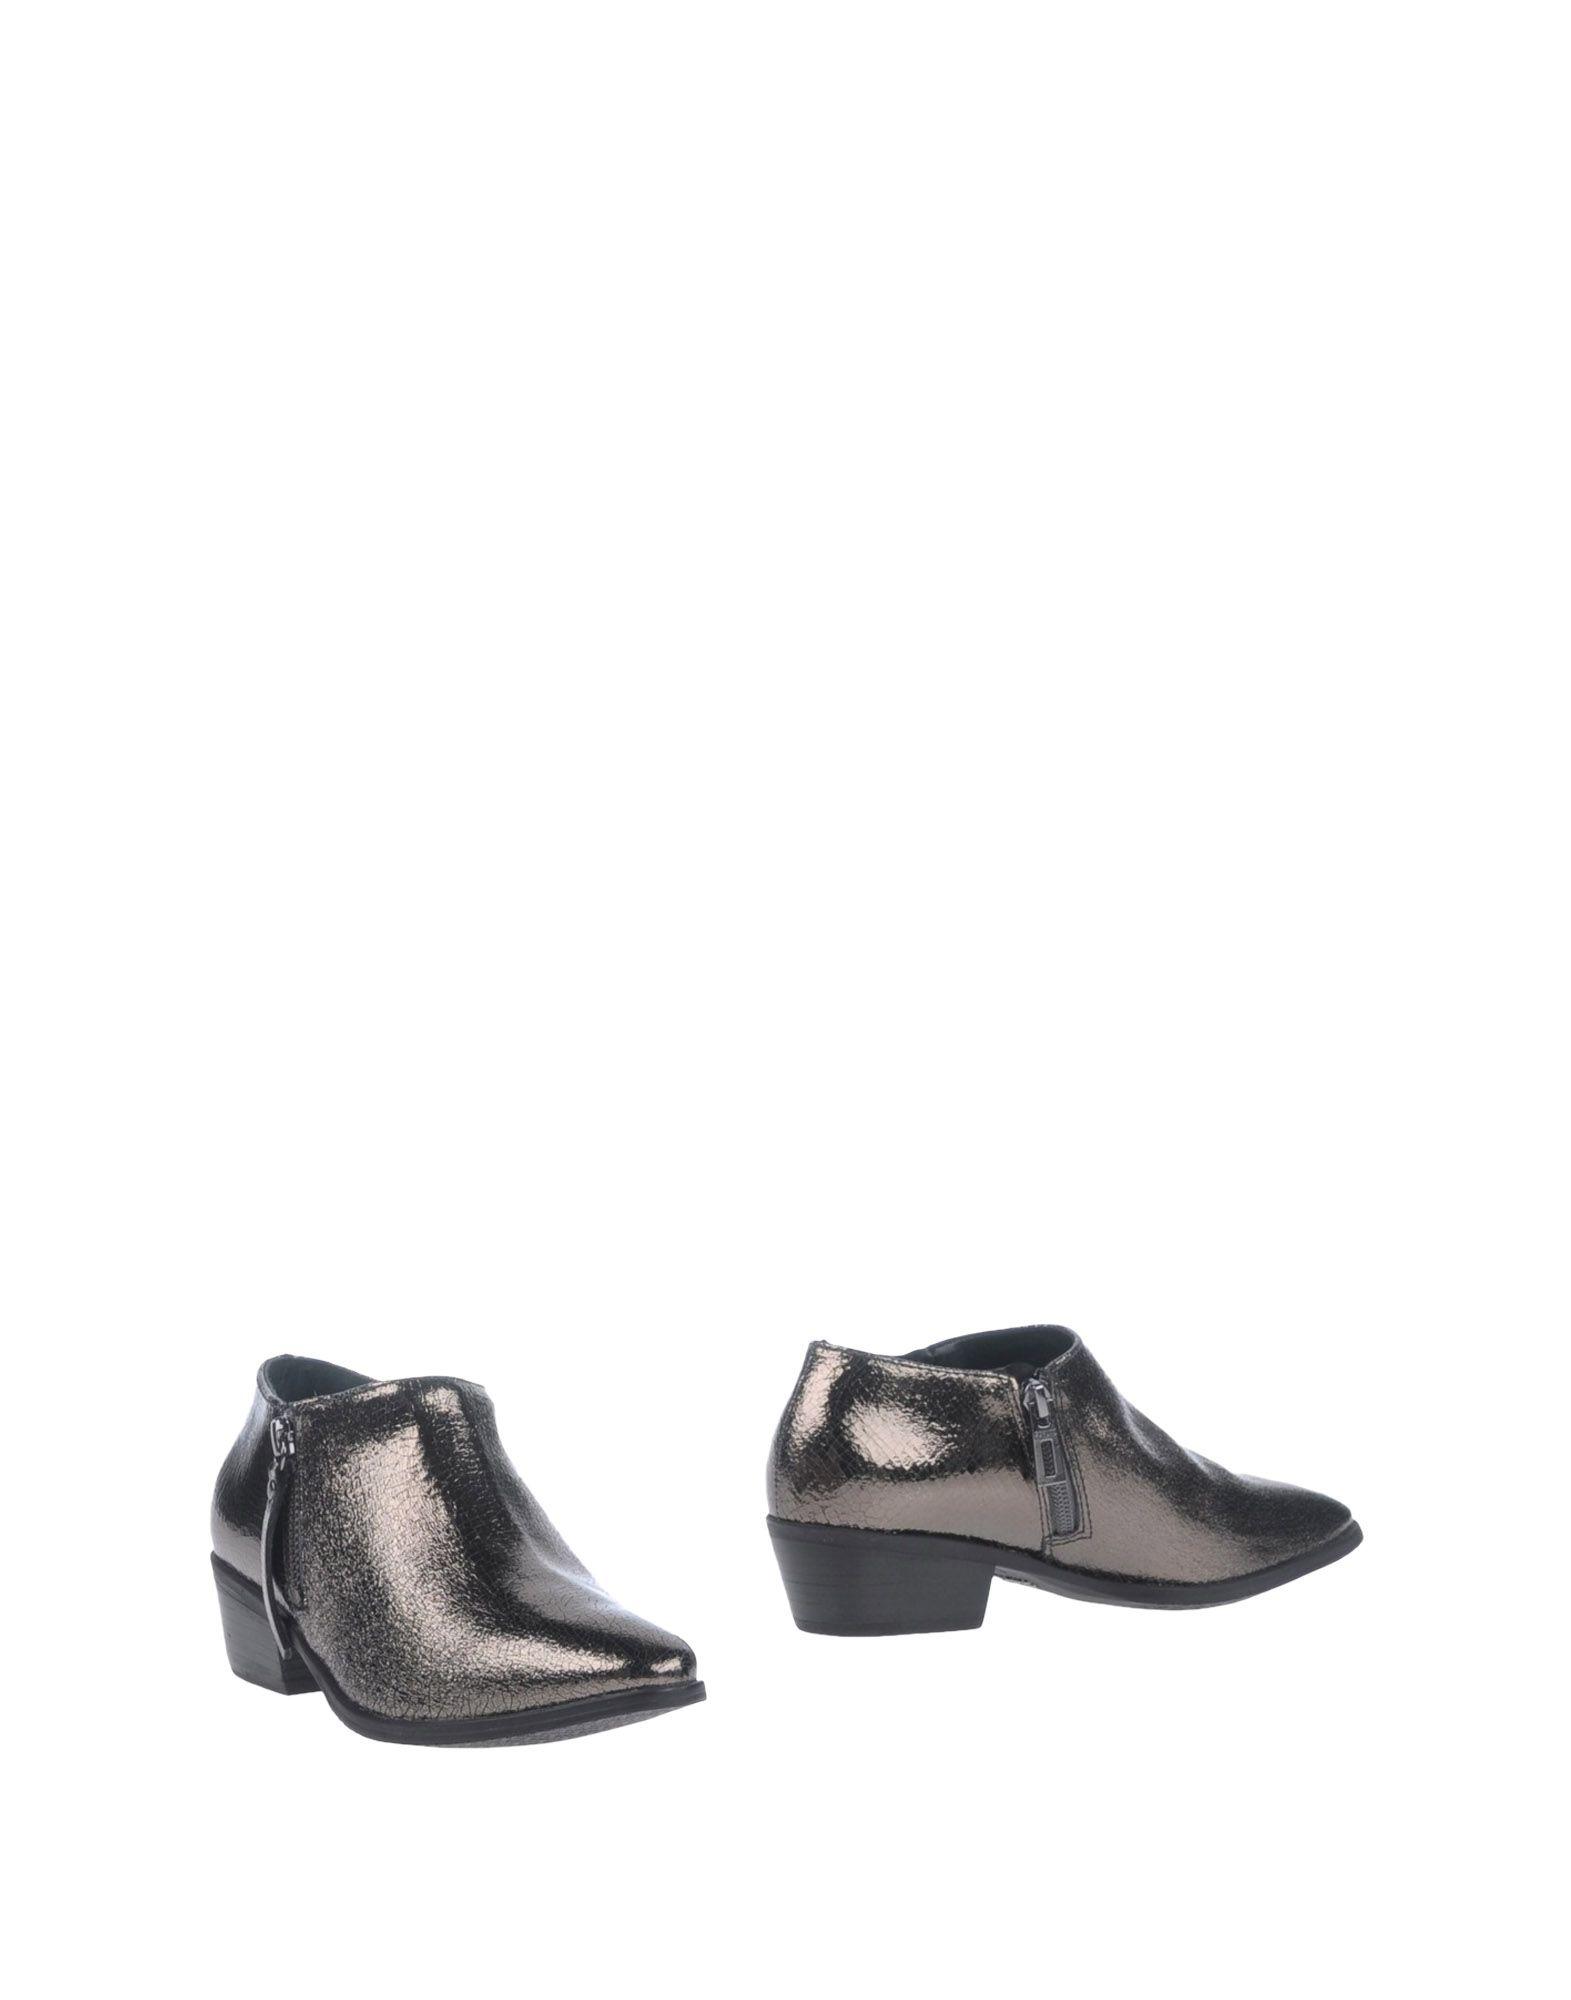 Schutz Ankle Boot - Women Schutz  Ankle Boots online on  Schutz Australia - 11084237HC eb3994